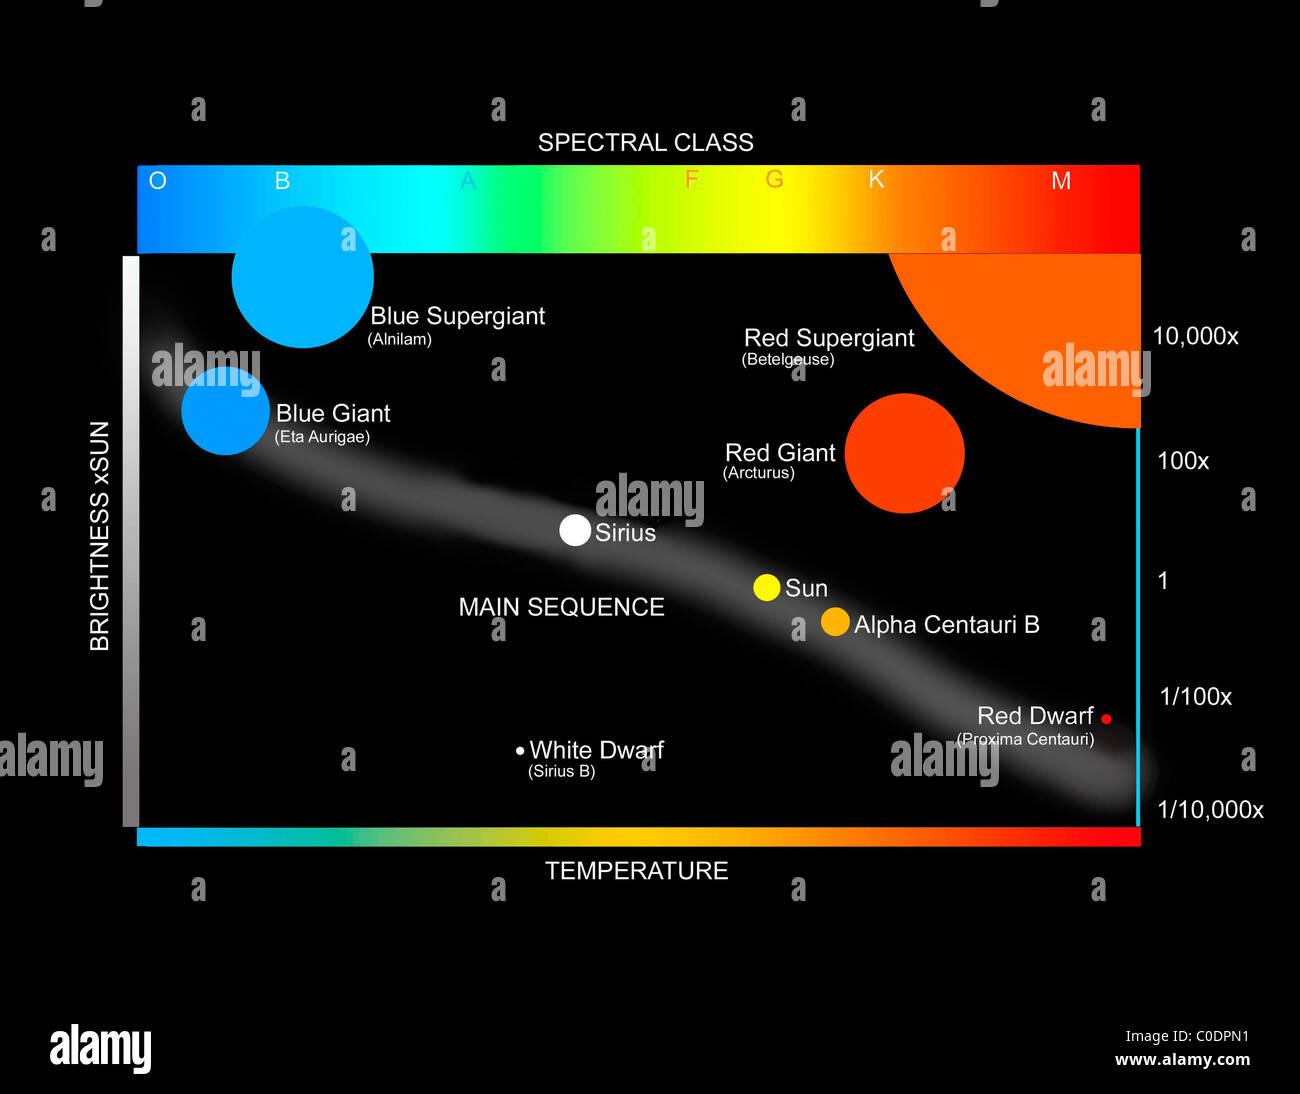 Eine Vereinfachte Herzprung Russell Diagramm Zeigt Wie Sternen Klassifiziert Sind Stockfoto